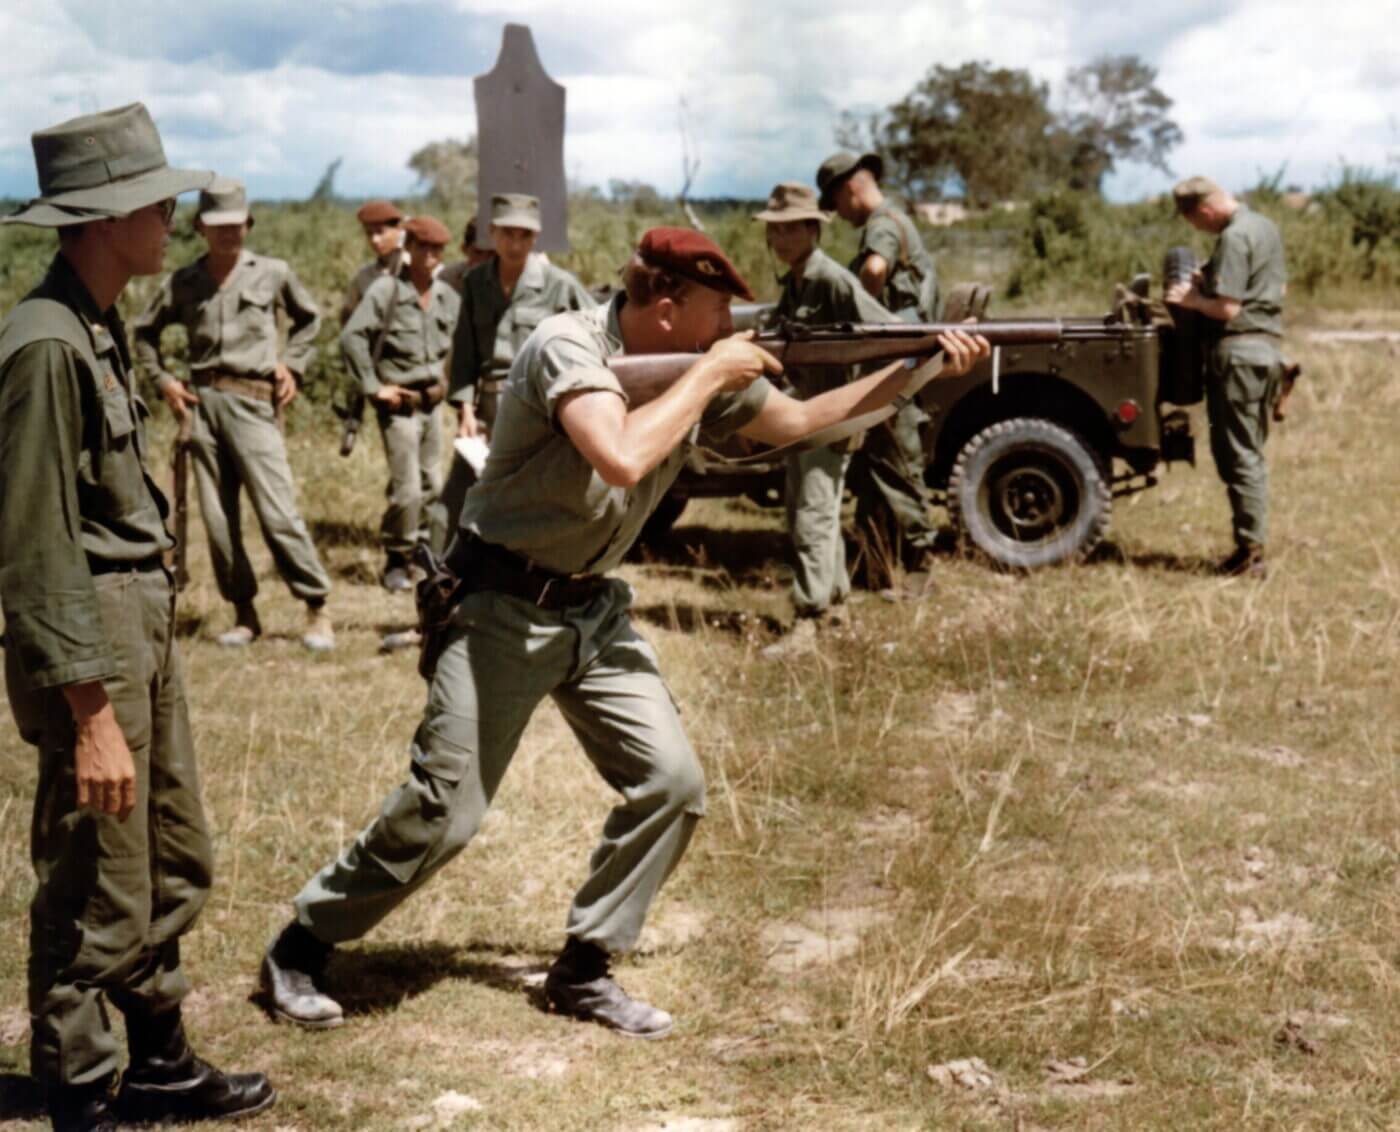 U.S. Ranger trains ARVN troops in Vietnam with M1